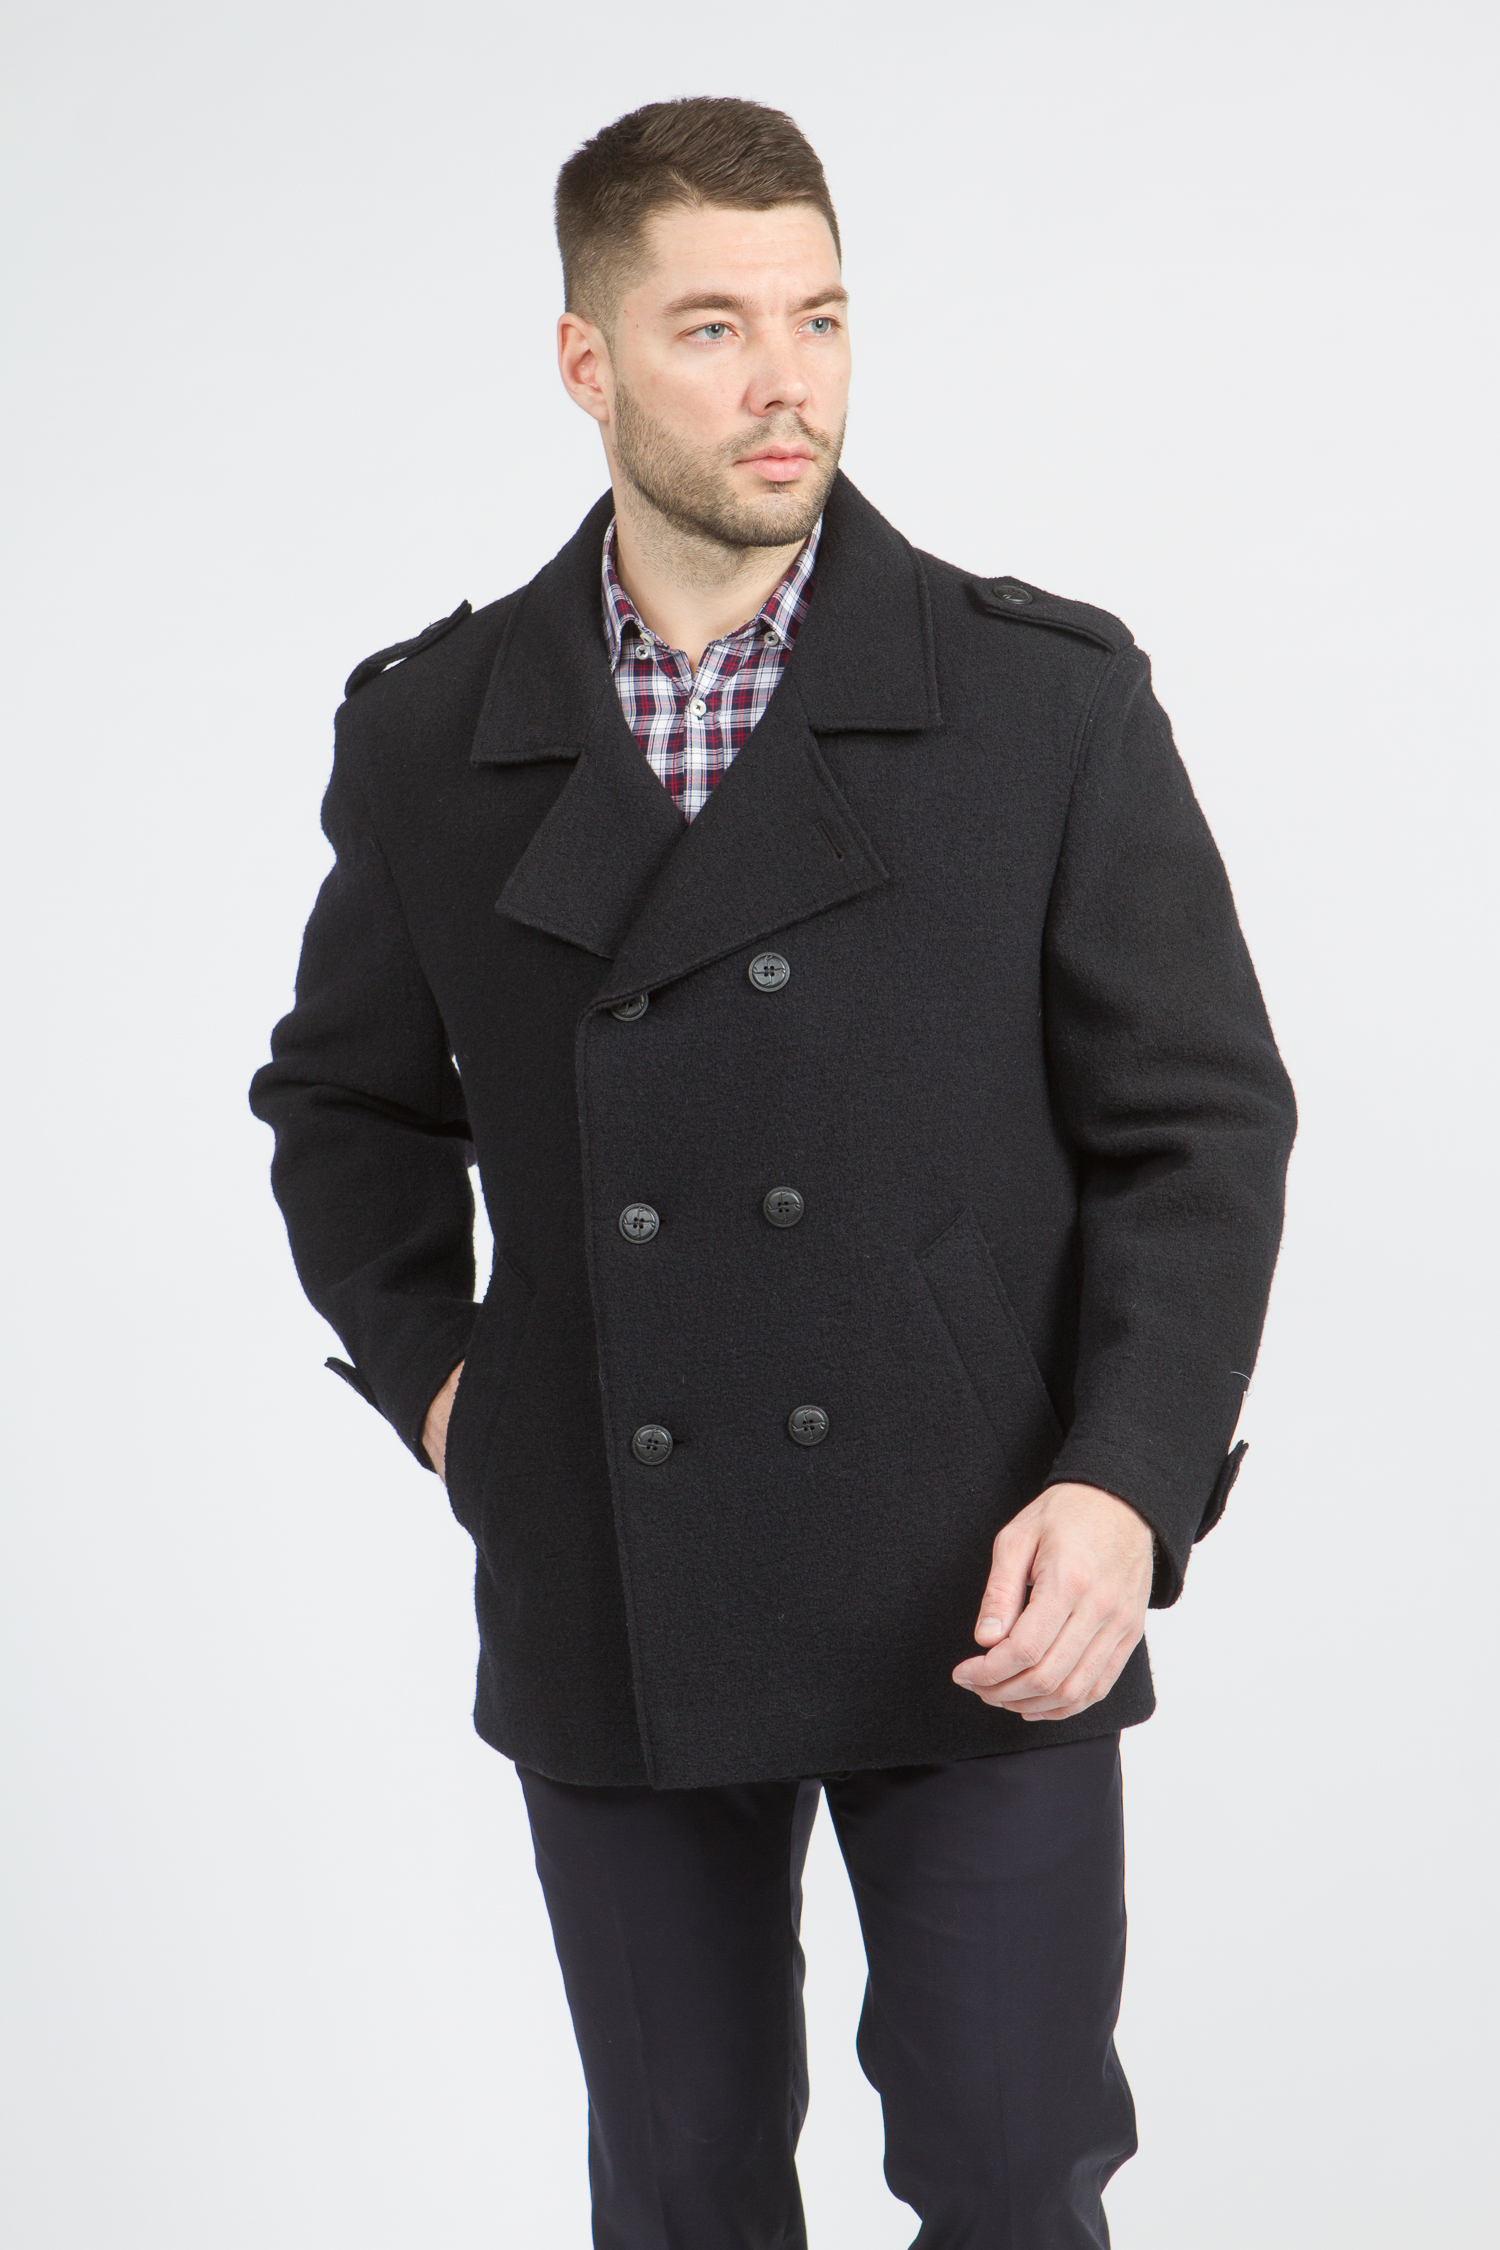 Мужское пальто из текстиля с воротником, без отделки